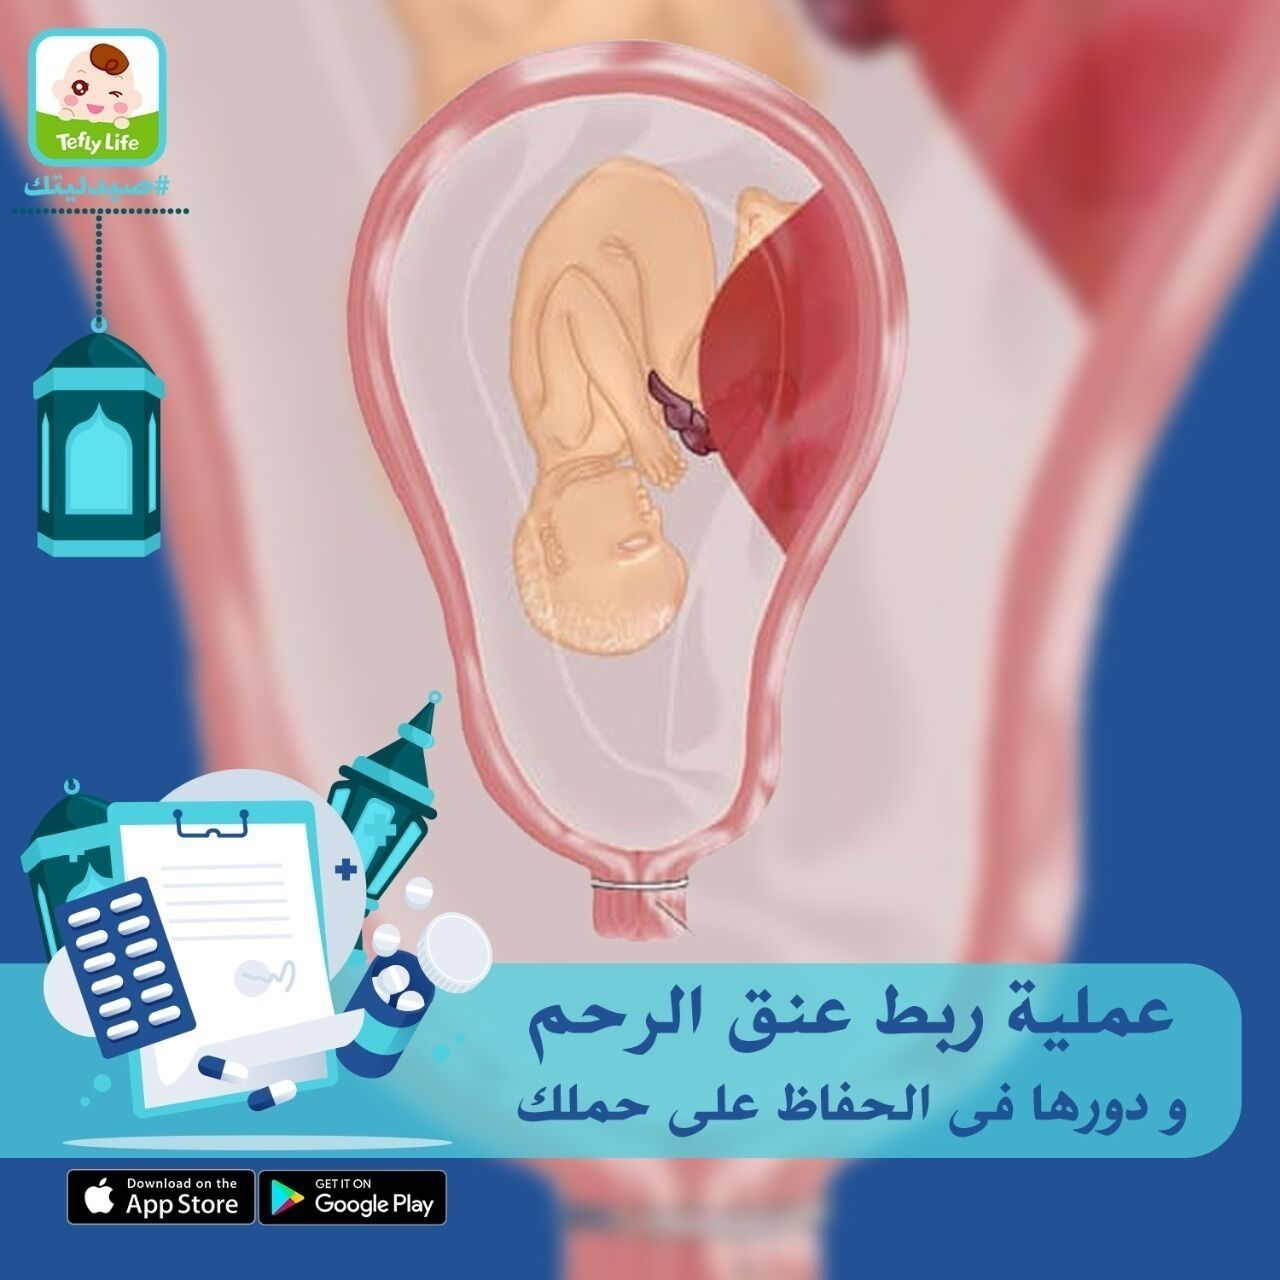 ما هى عملية ربط عنق الرحم، و كيف تقى من خطر الولادة المبكرة؟